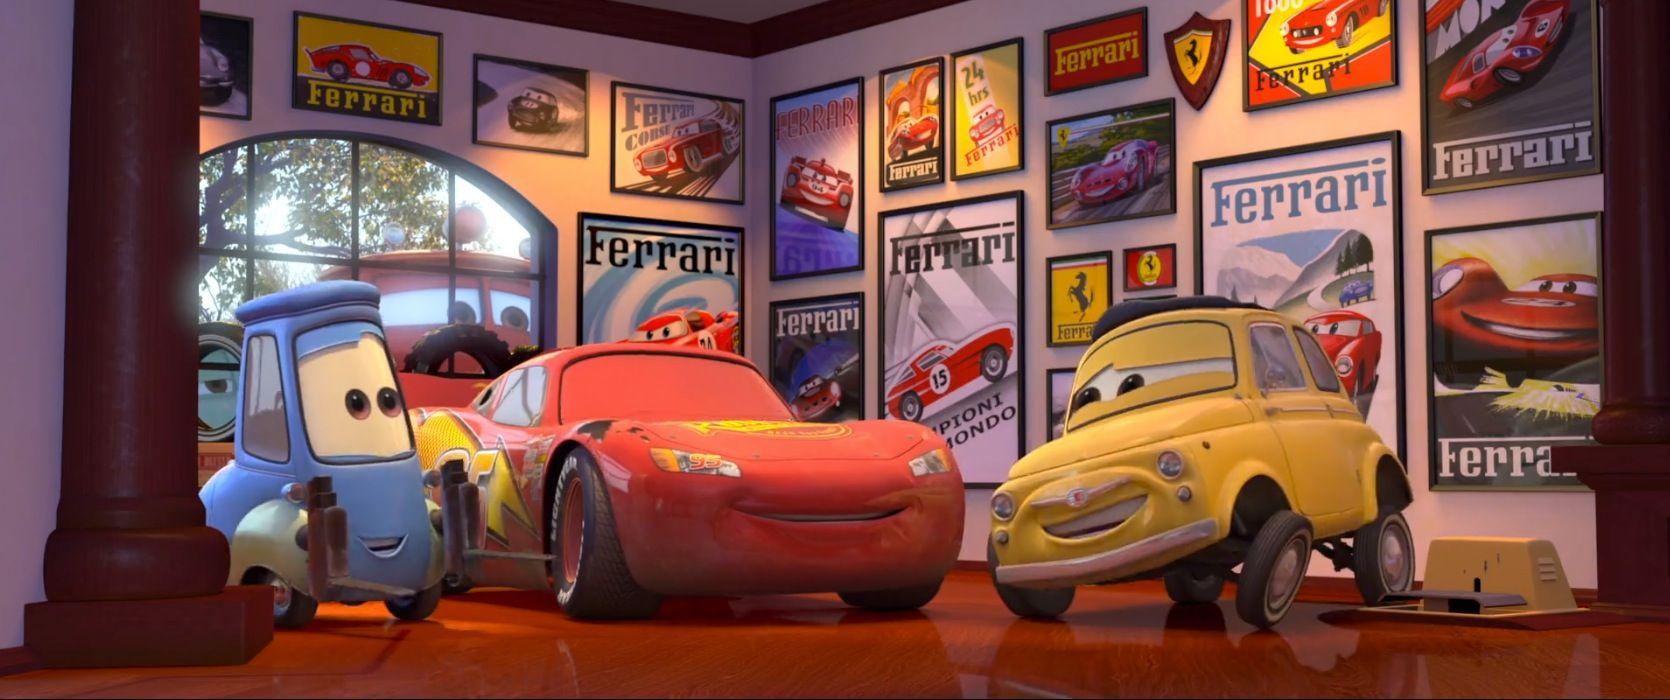 Ferrari Posters In Cars 2006 Ferrari Disney Pixar Cars Pixar Cars Disney Cars